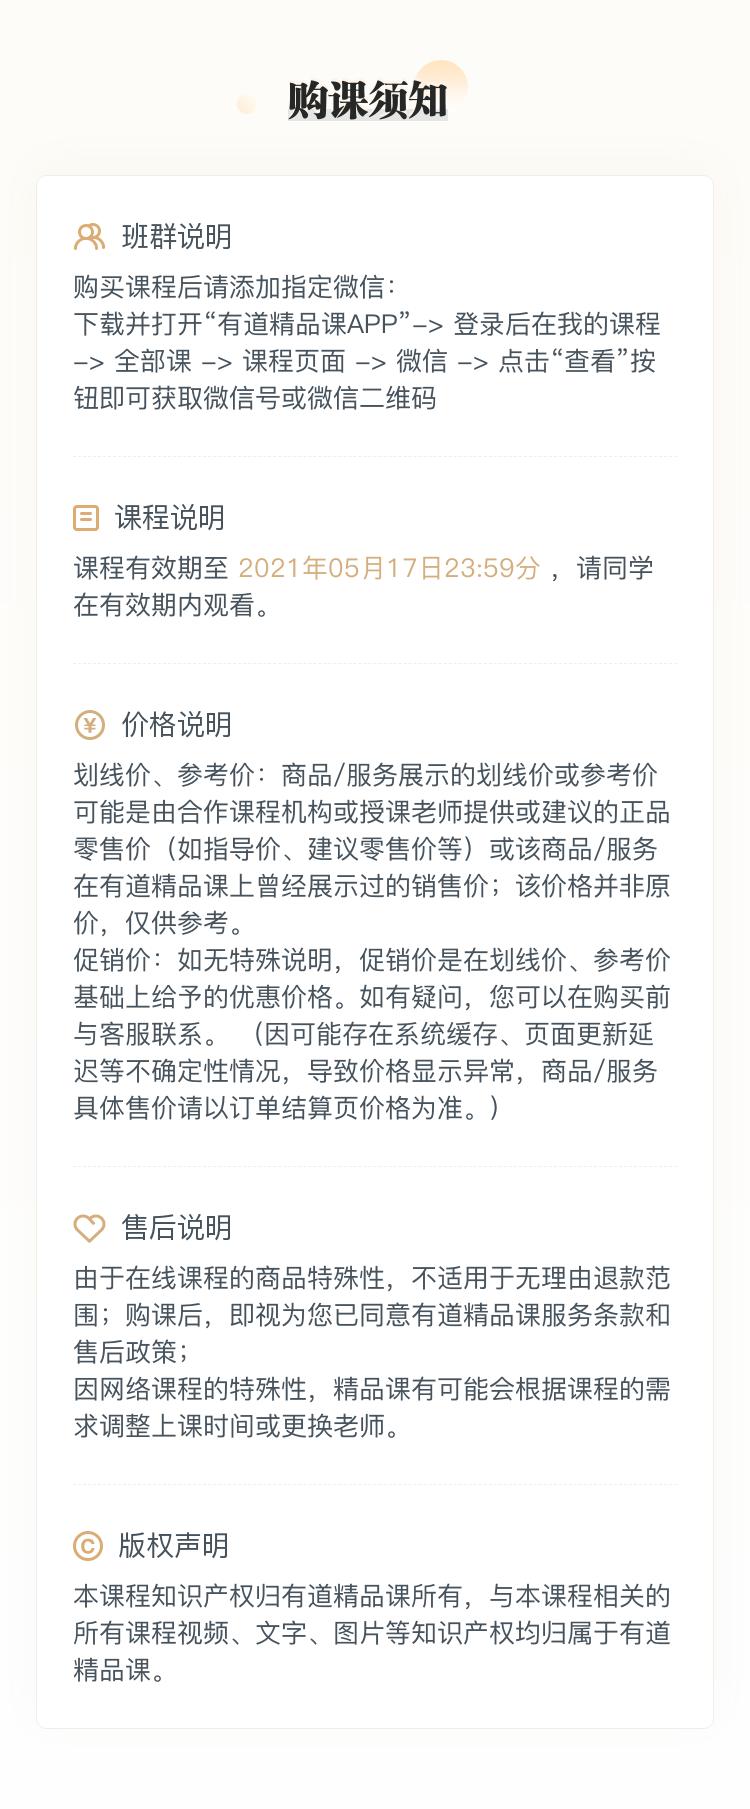 30752-有道-课程详情页03-课程详情-10报名须知-20191027031115.png